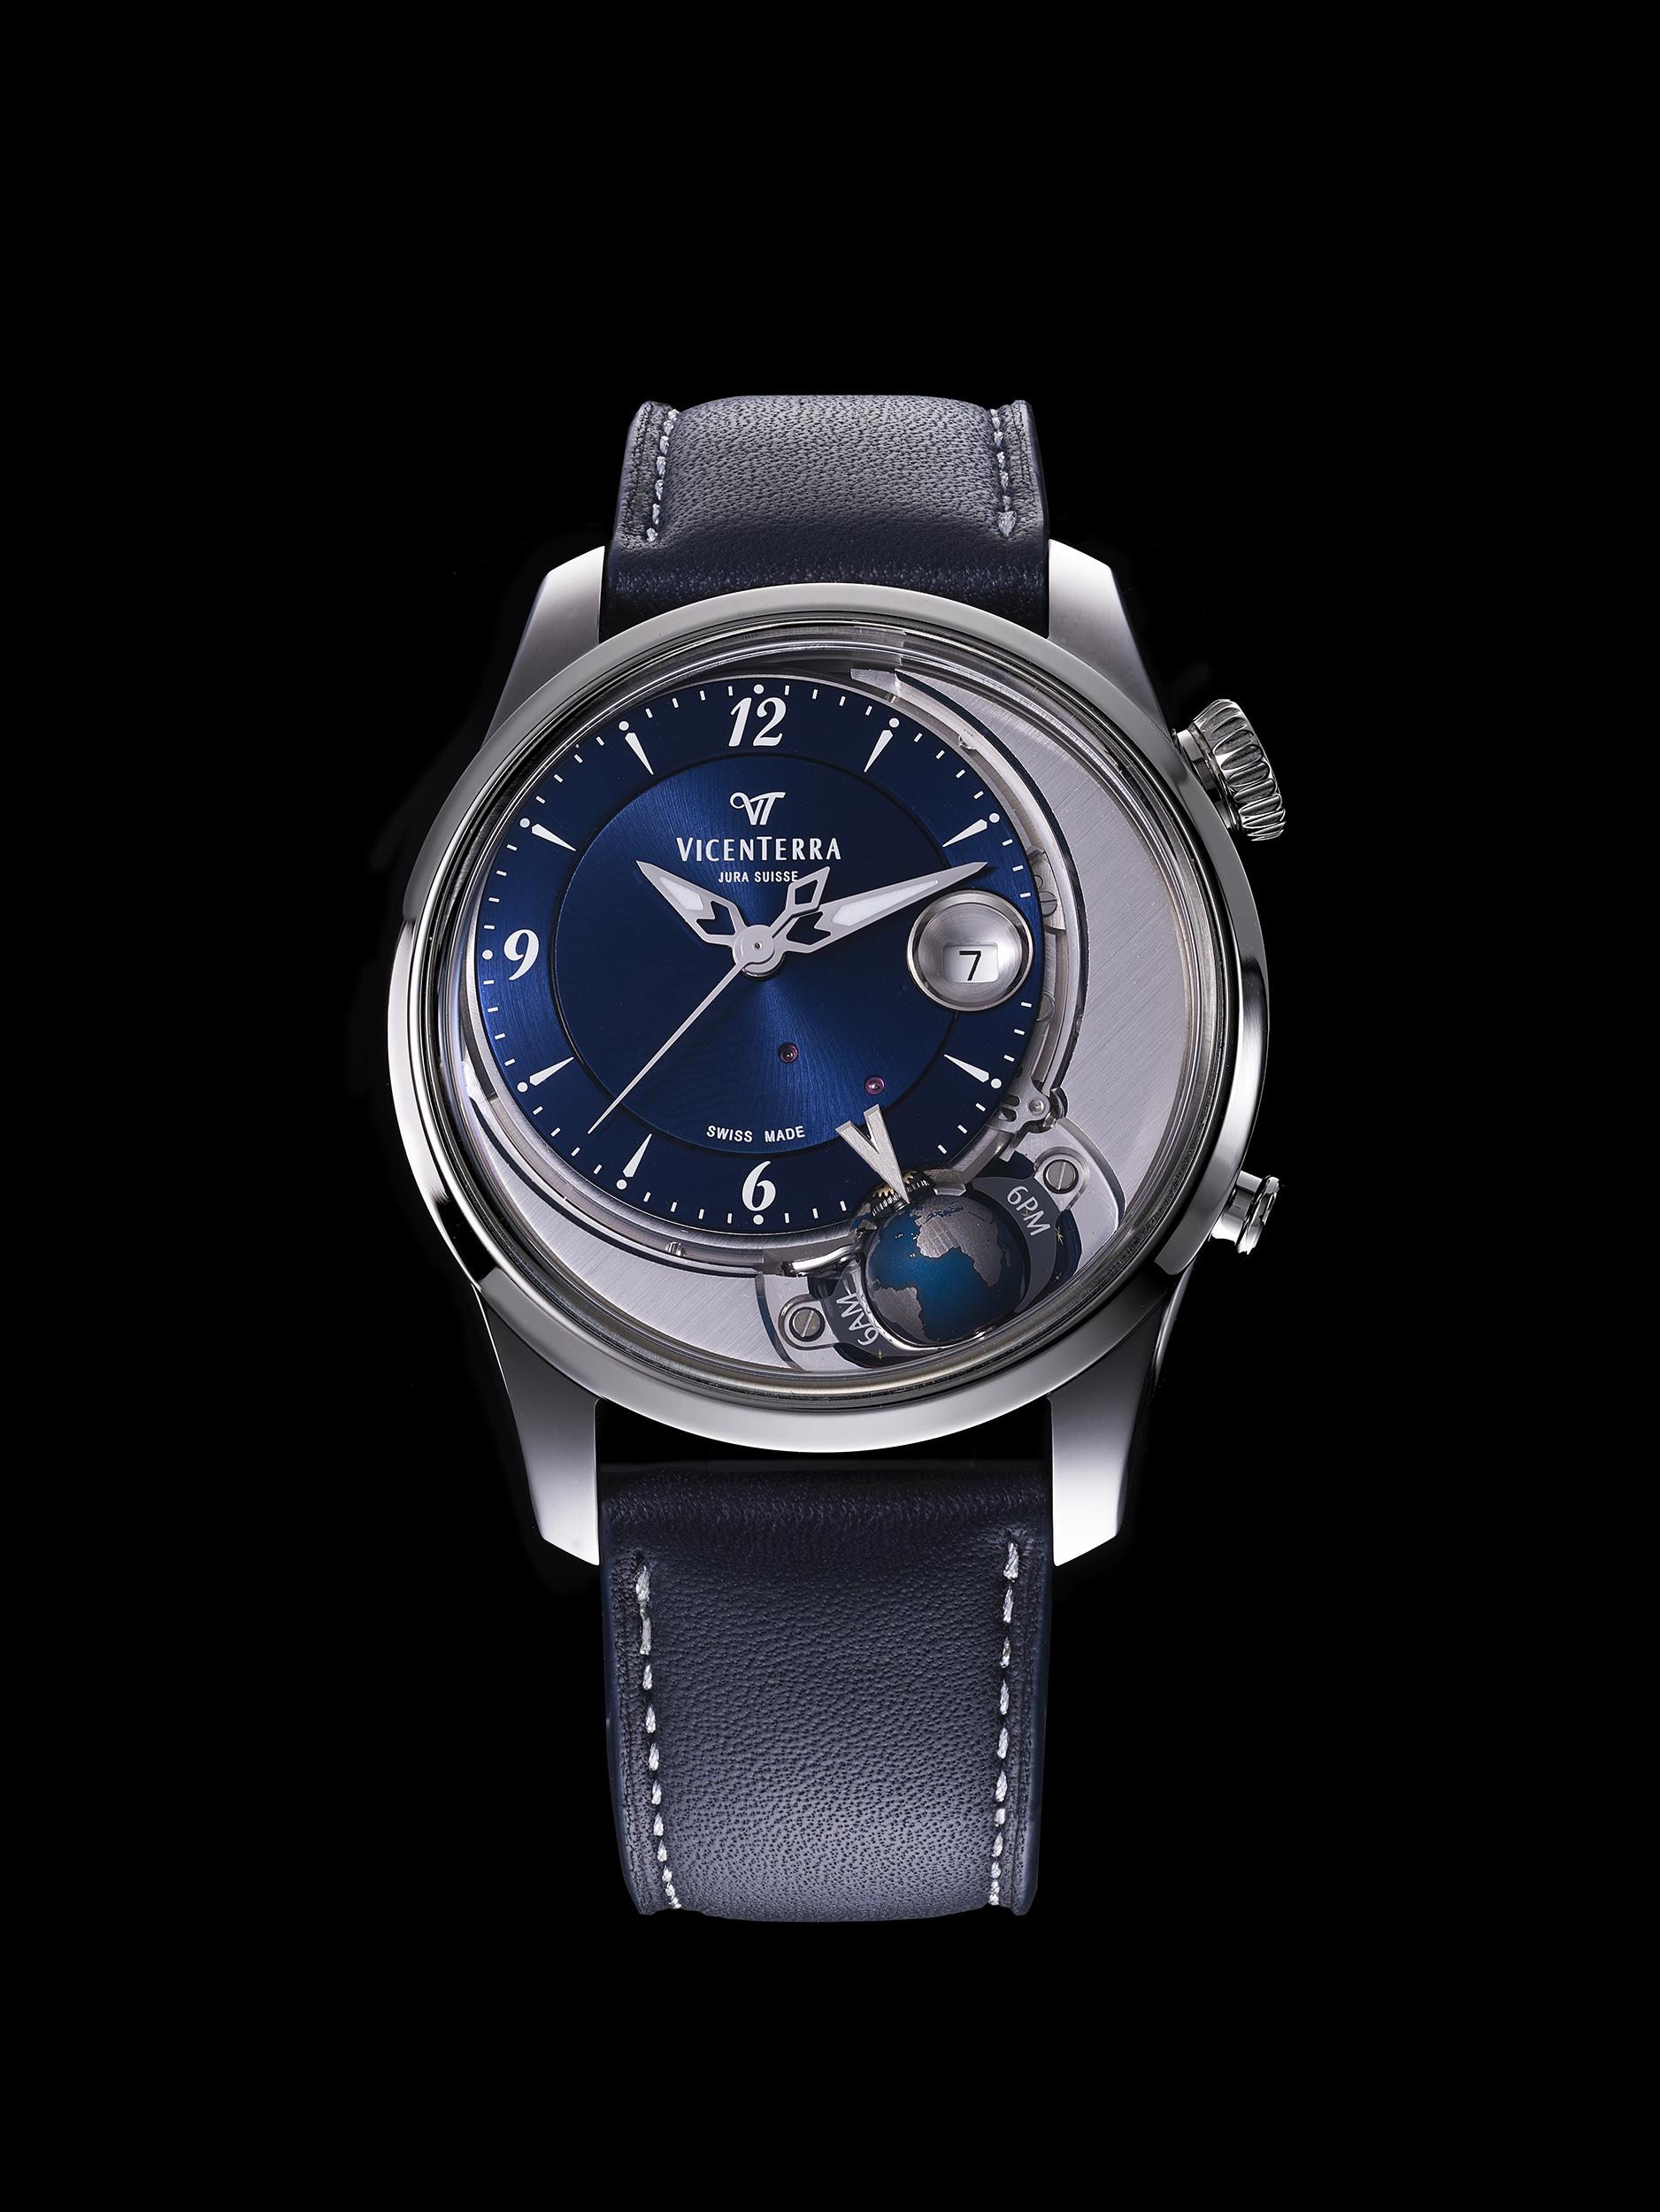 photographe de montres suisse, philippe hahn a réalisé plusieurs images en studio de la montre tycho brahe de la marque vicenterra basé dans le jura suisse